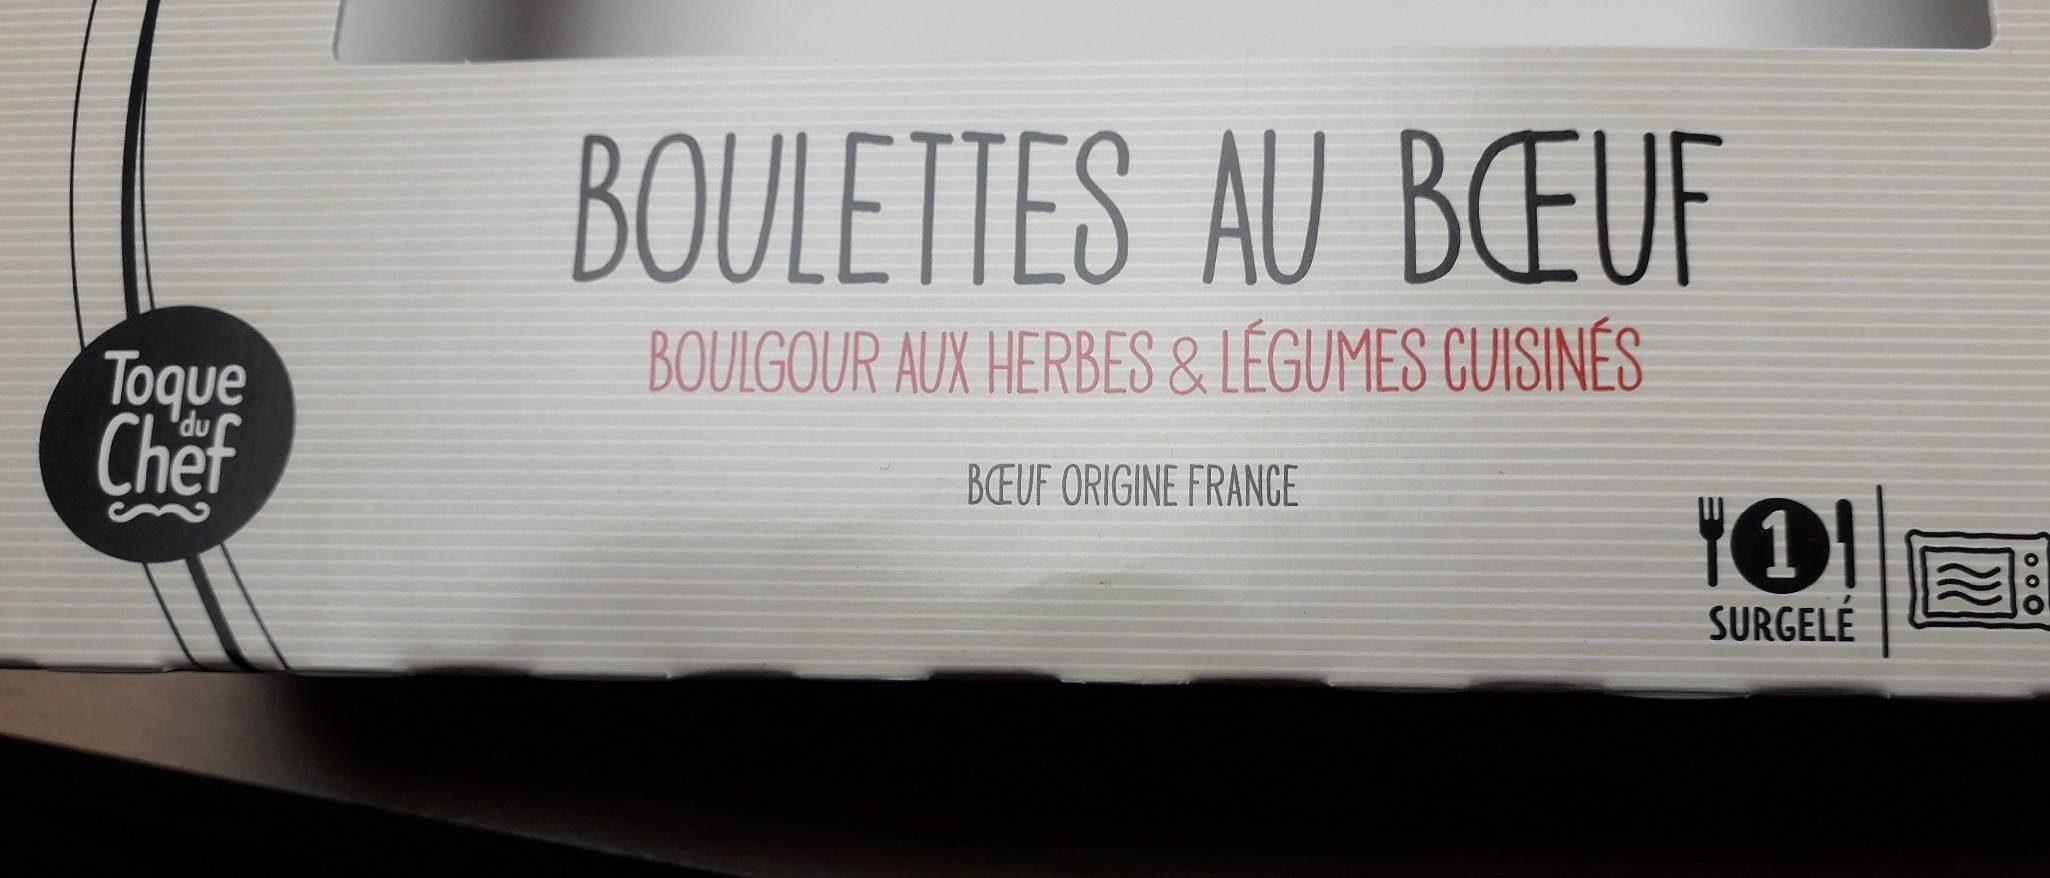 Boulettes au boeuf, Boulgour aux herbes - Produit - fr